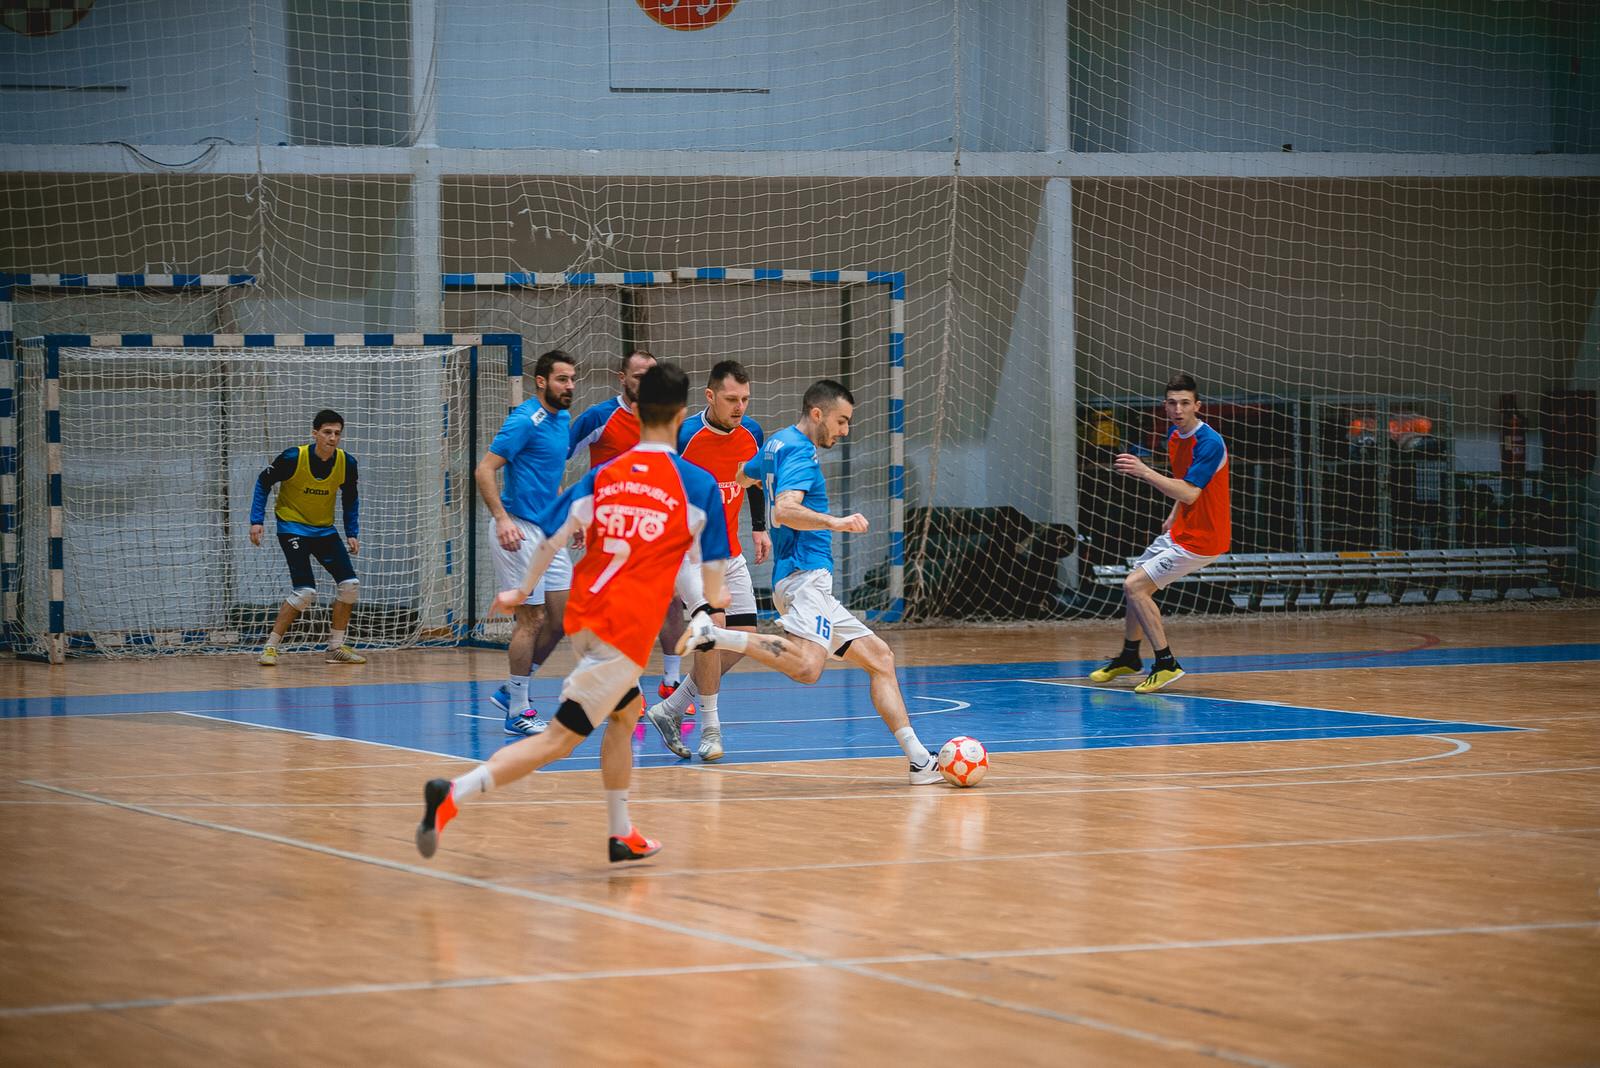 likaclub_gospić_zimski-malonogometni-turnir-2018-19-65